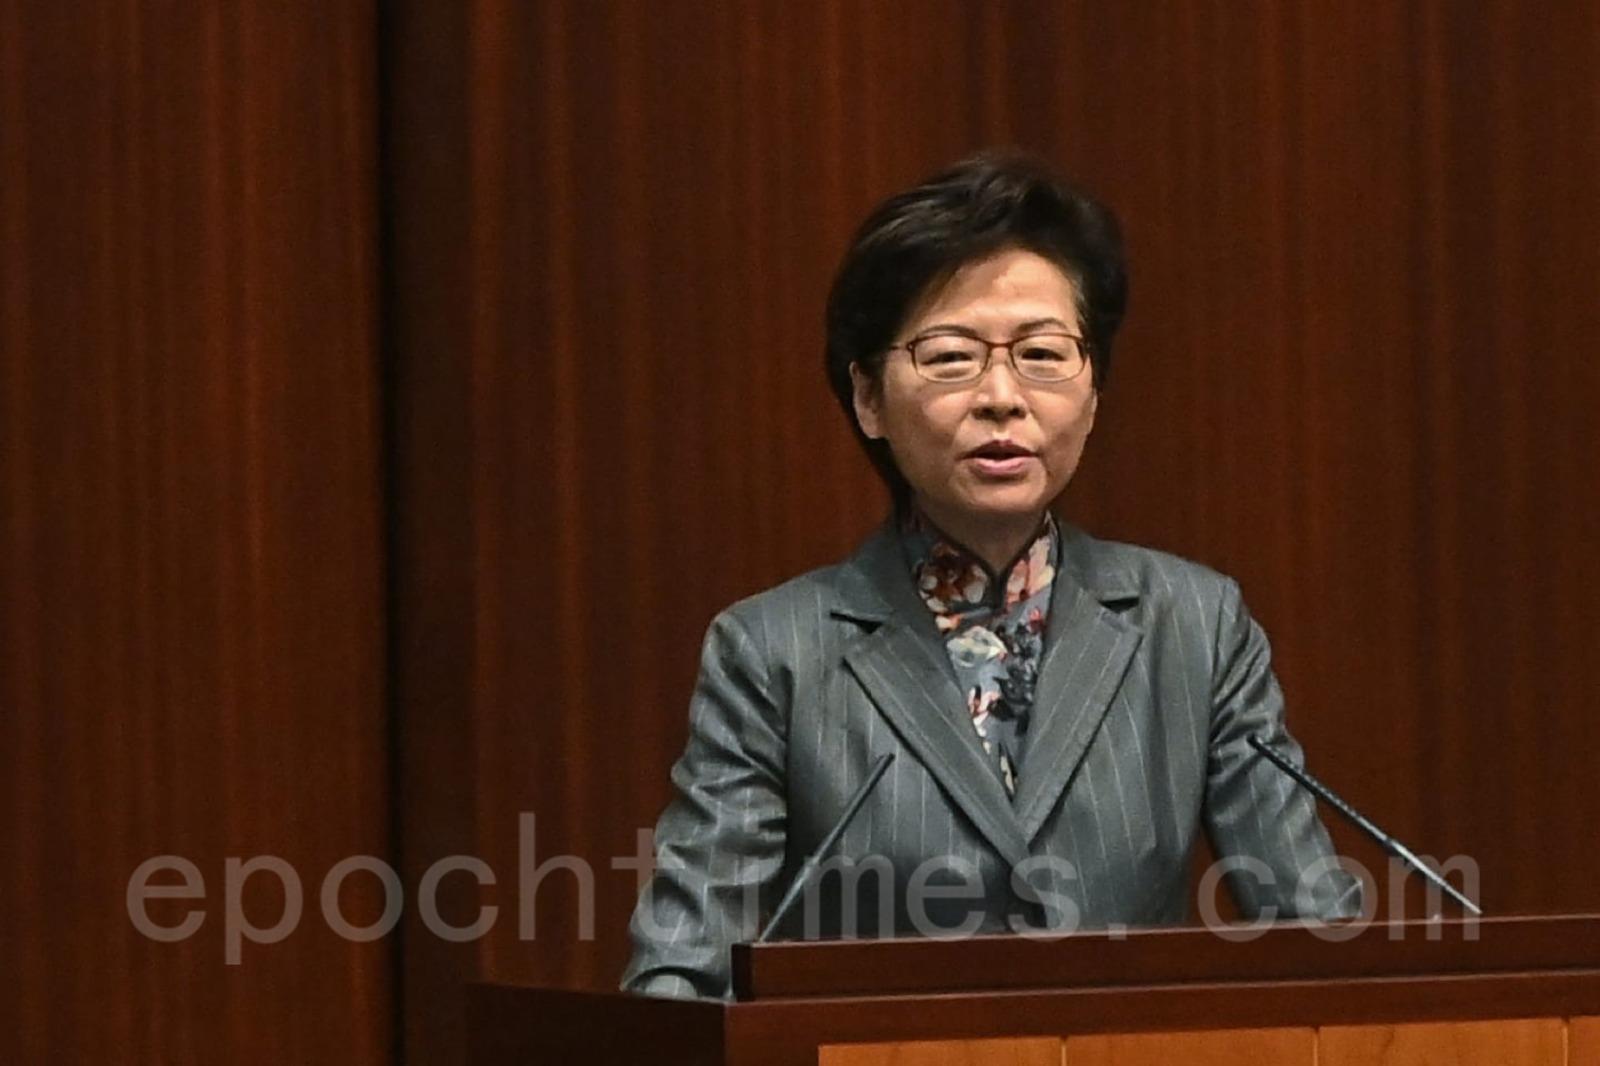 林鄭近日接受電台專訪時表示,應顧及特首的憲制地位,表明任內不會修改《防止賄賂條例》。(大紀元資料圖片)